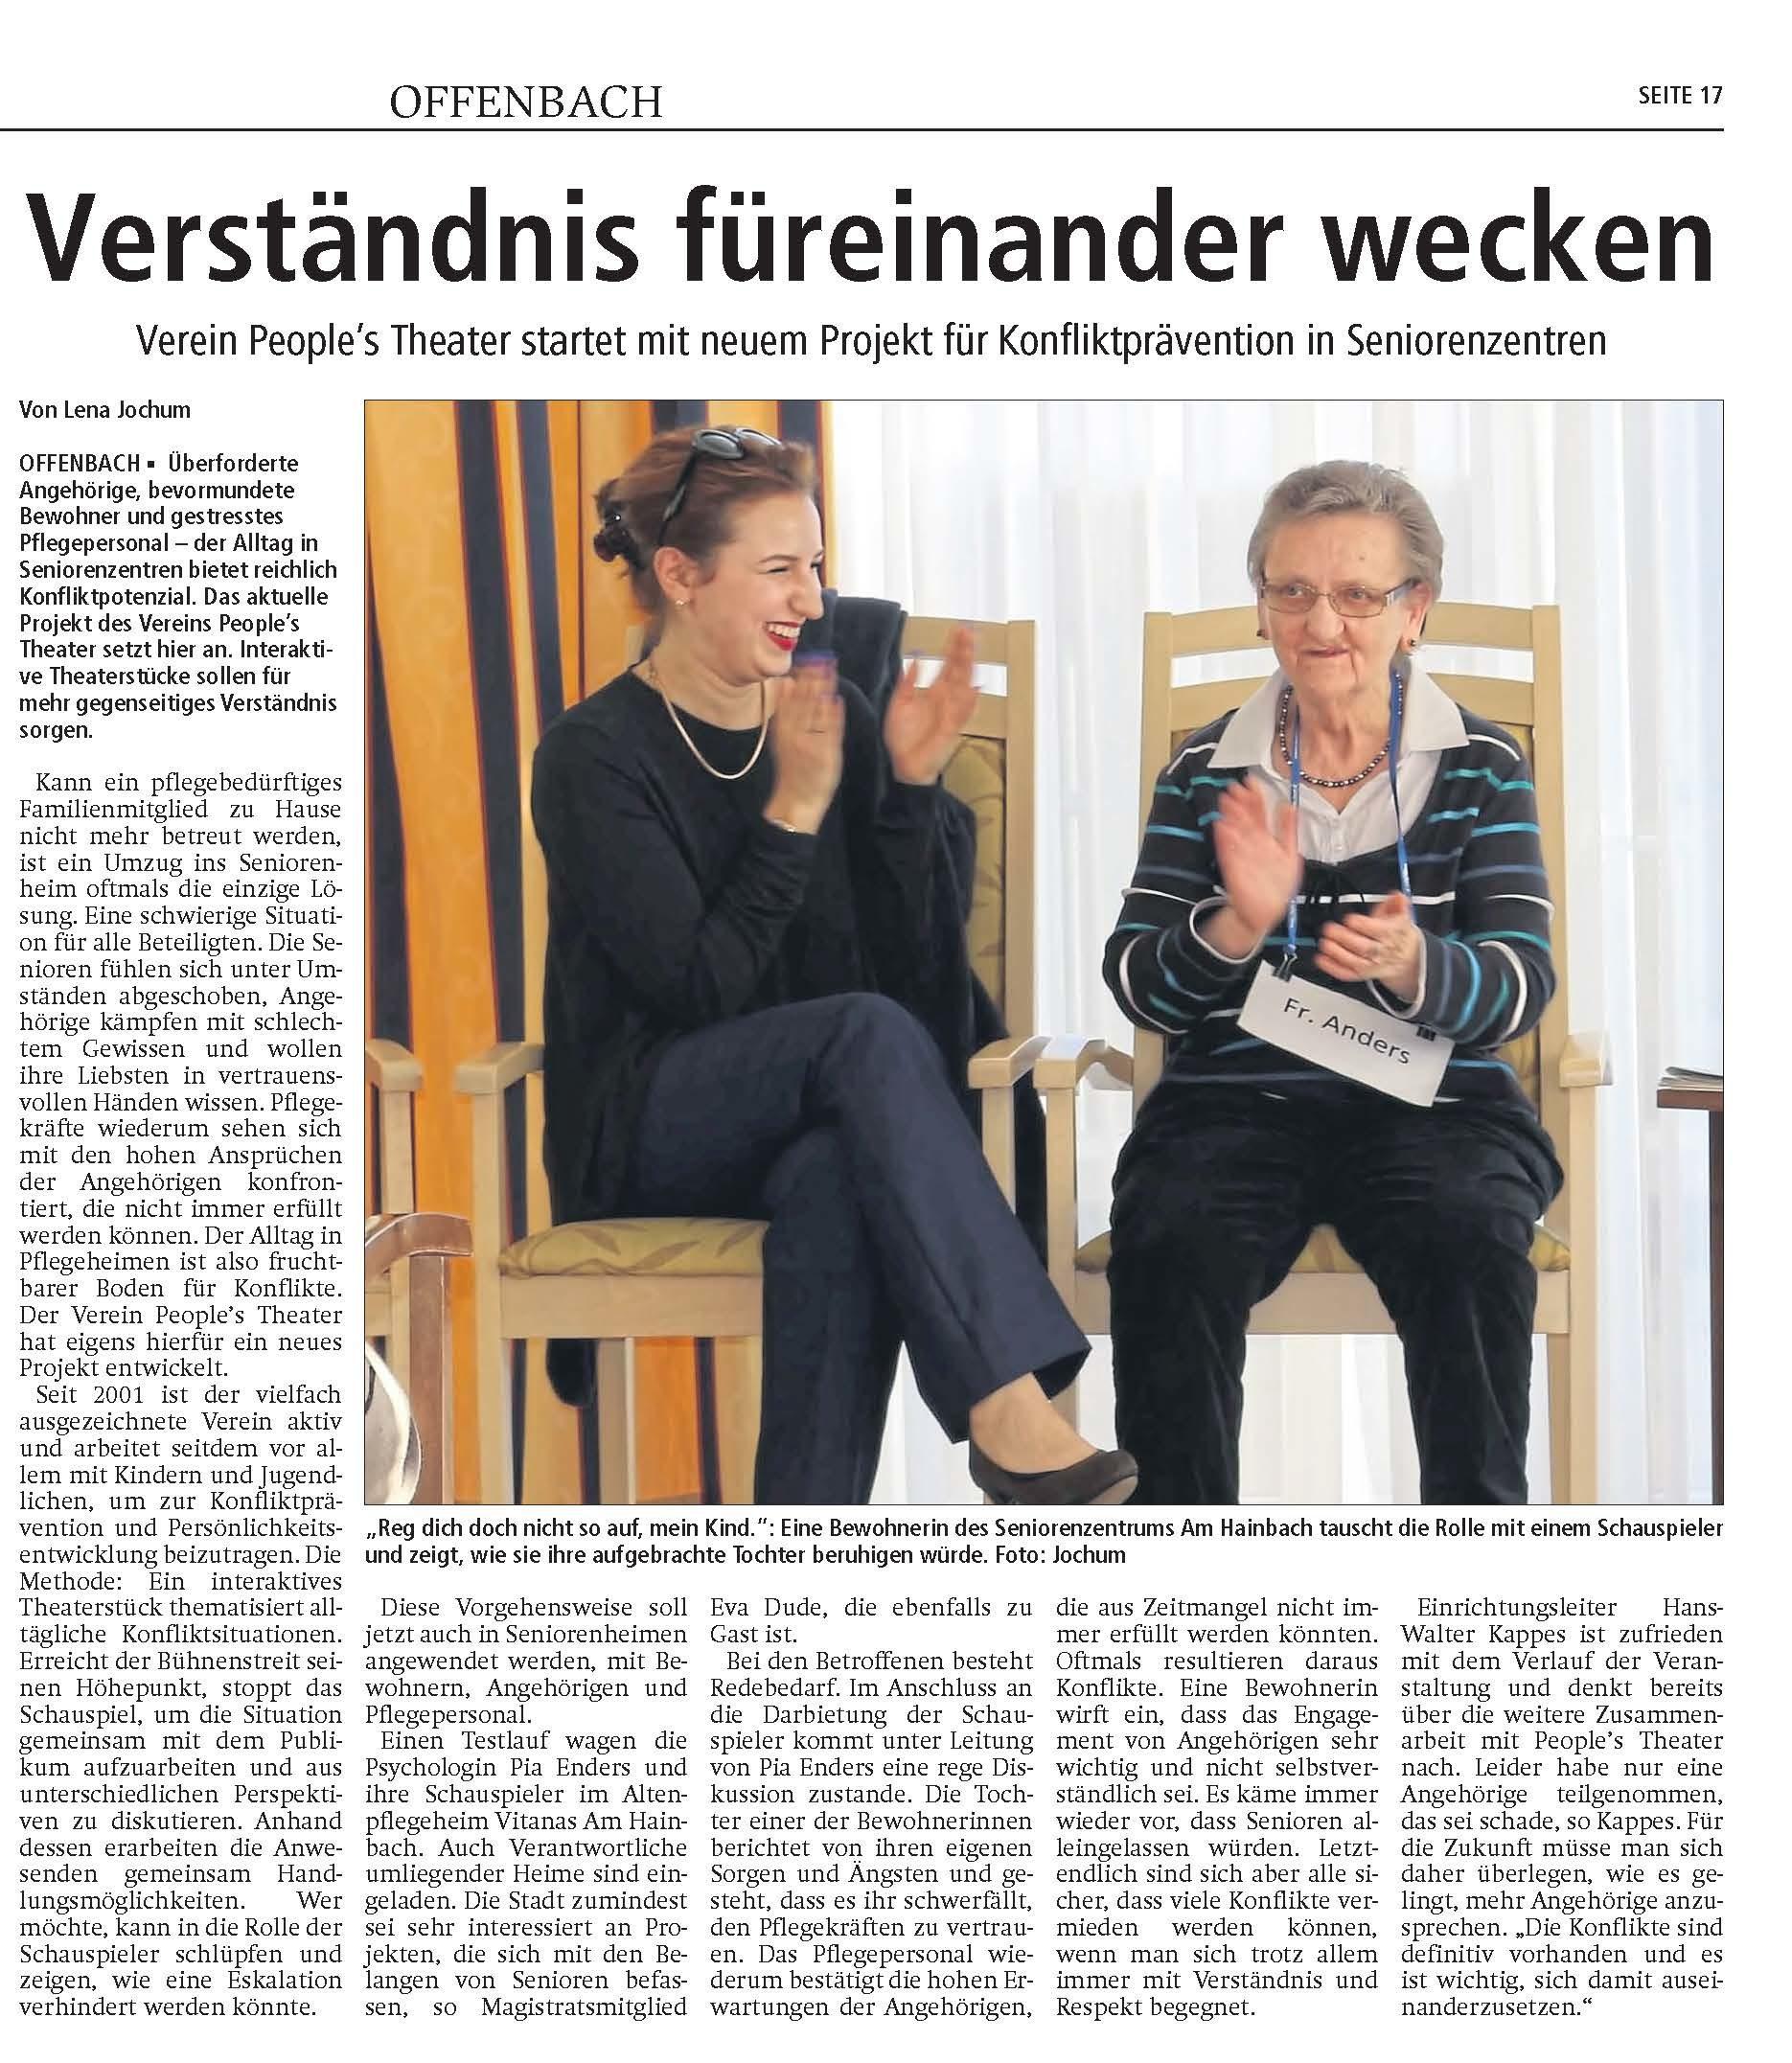 Zeitungsartikel in der Offenbach Post, 24.02.2018